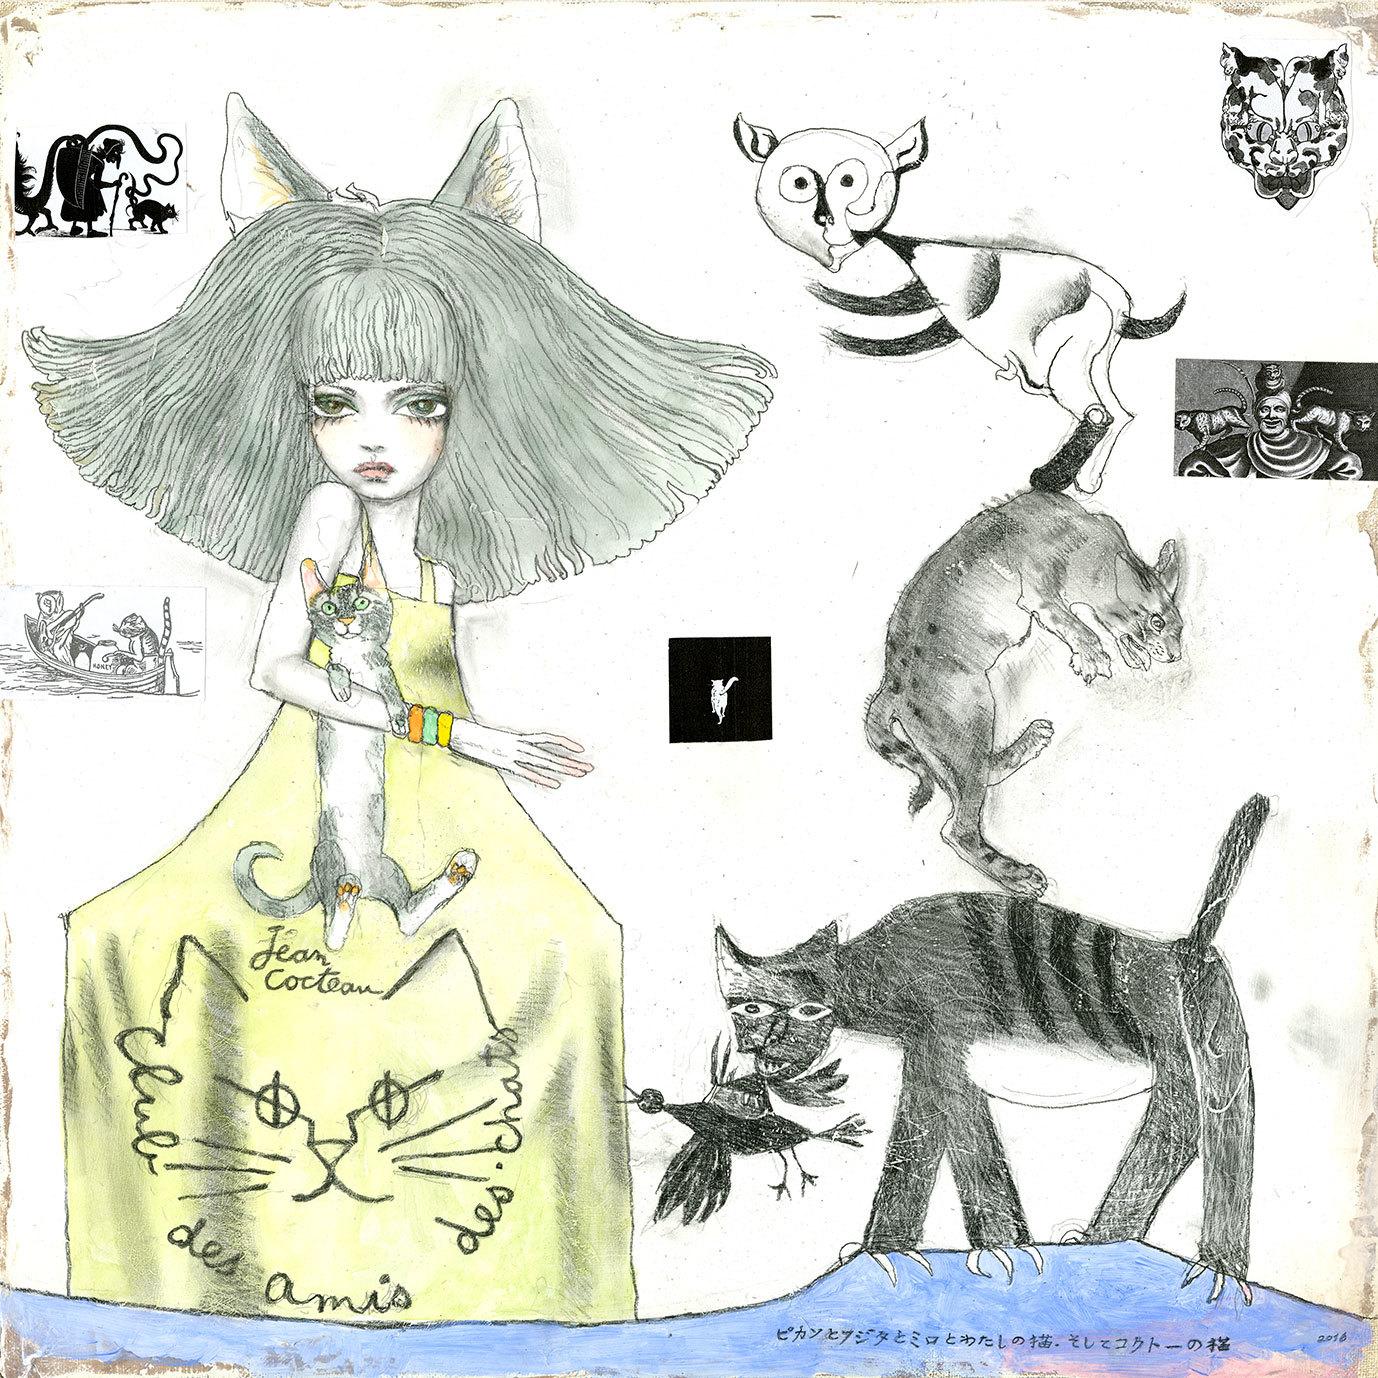 《ピカソとフジタとミロとわたしの猫。そしてコクトーの猫》